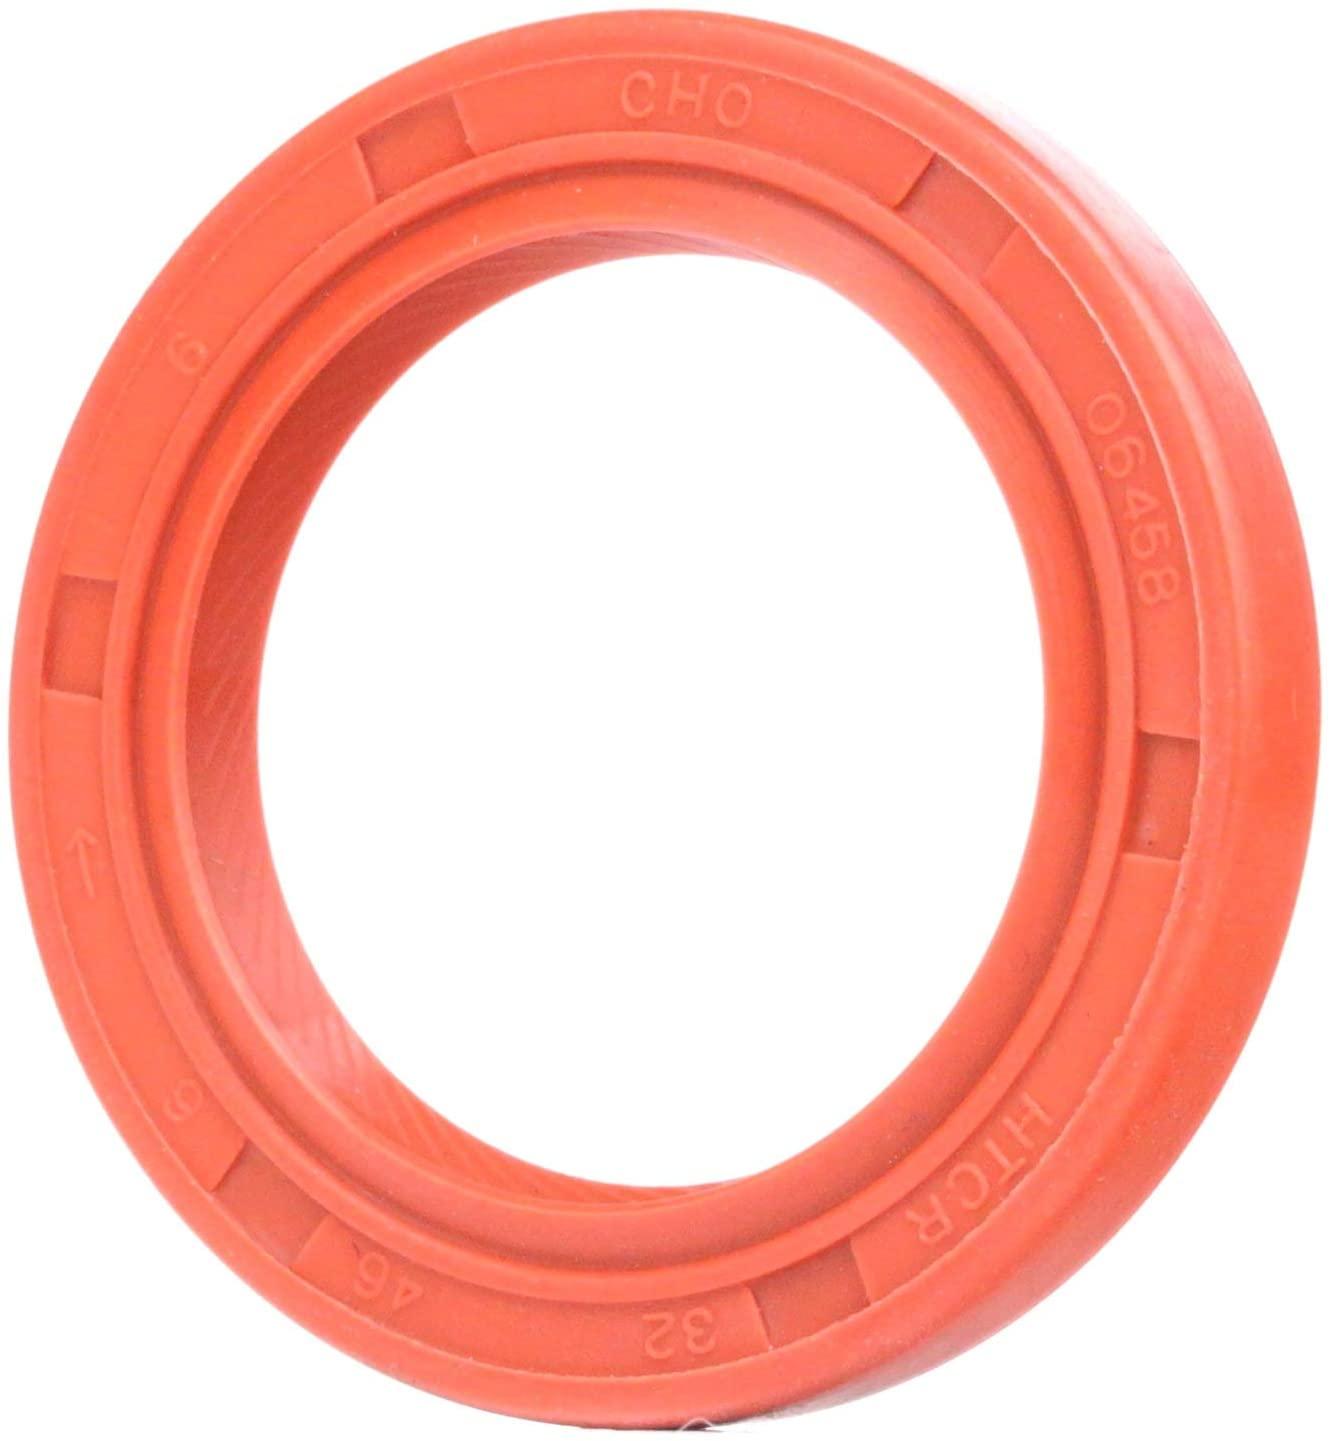 Elring 777.471 Seal Ring